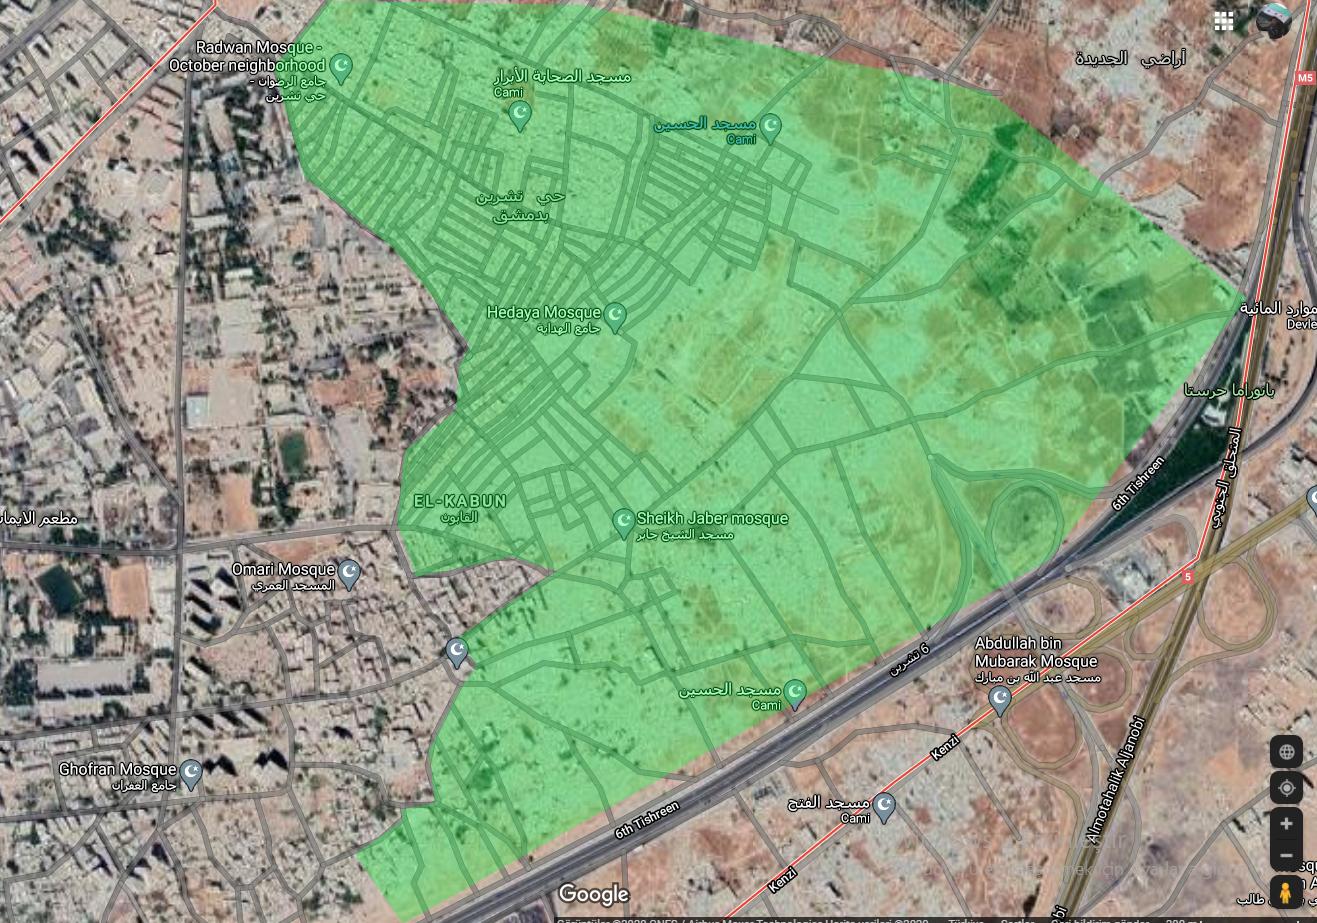 صورة تظهر حجم الدمار الحاصل جراء القصف والمعارك التي تعرض لها حي القابون بدمشق، الإعلامي قصي عبد الباري، 2020.